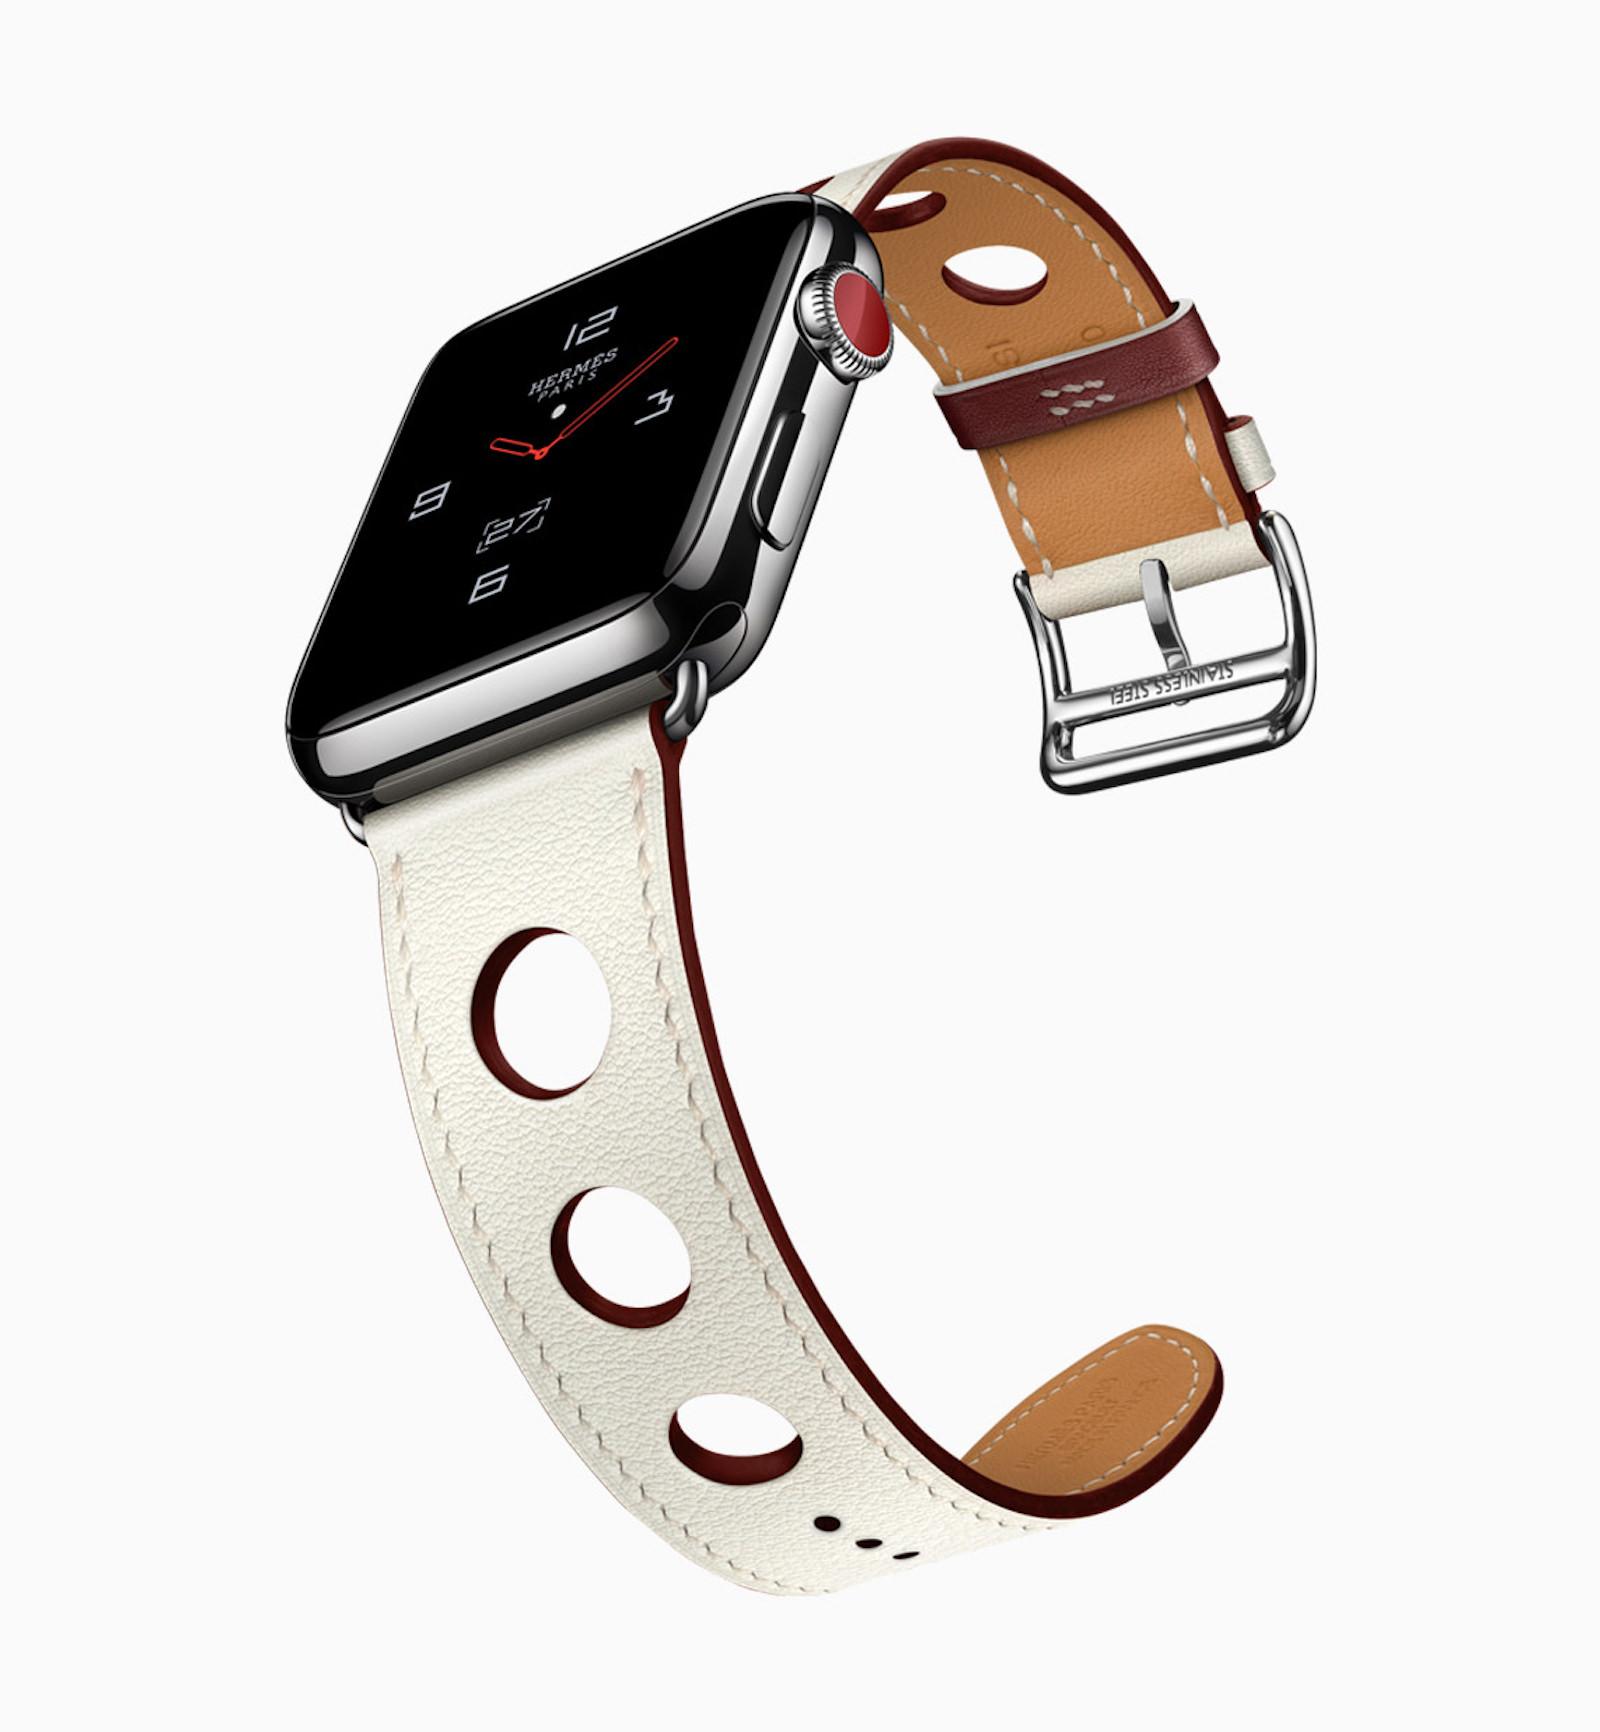 Apple-Watch-Series3_Hermes-single-tour_032118.jpg